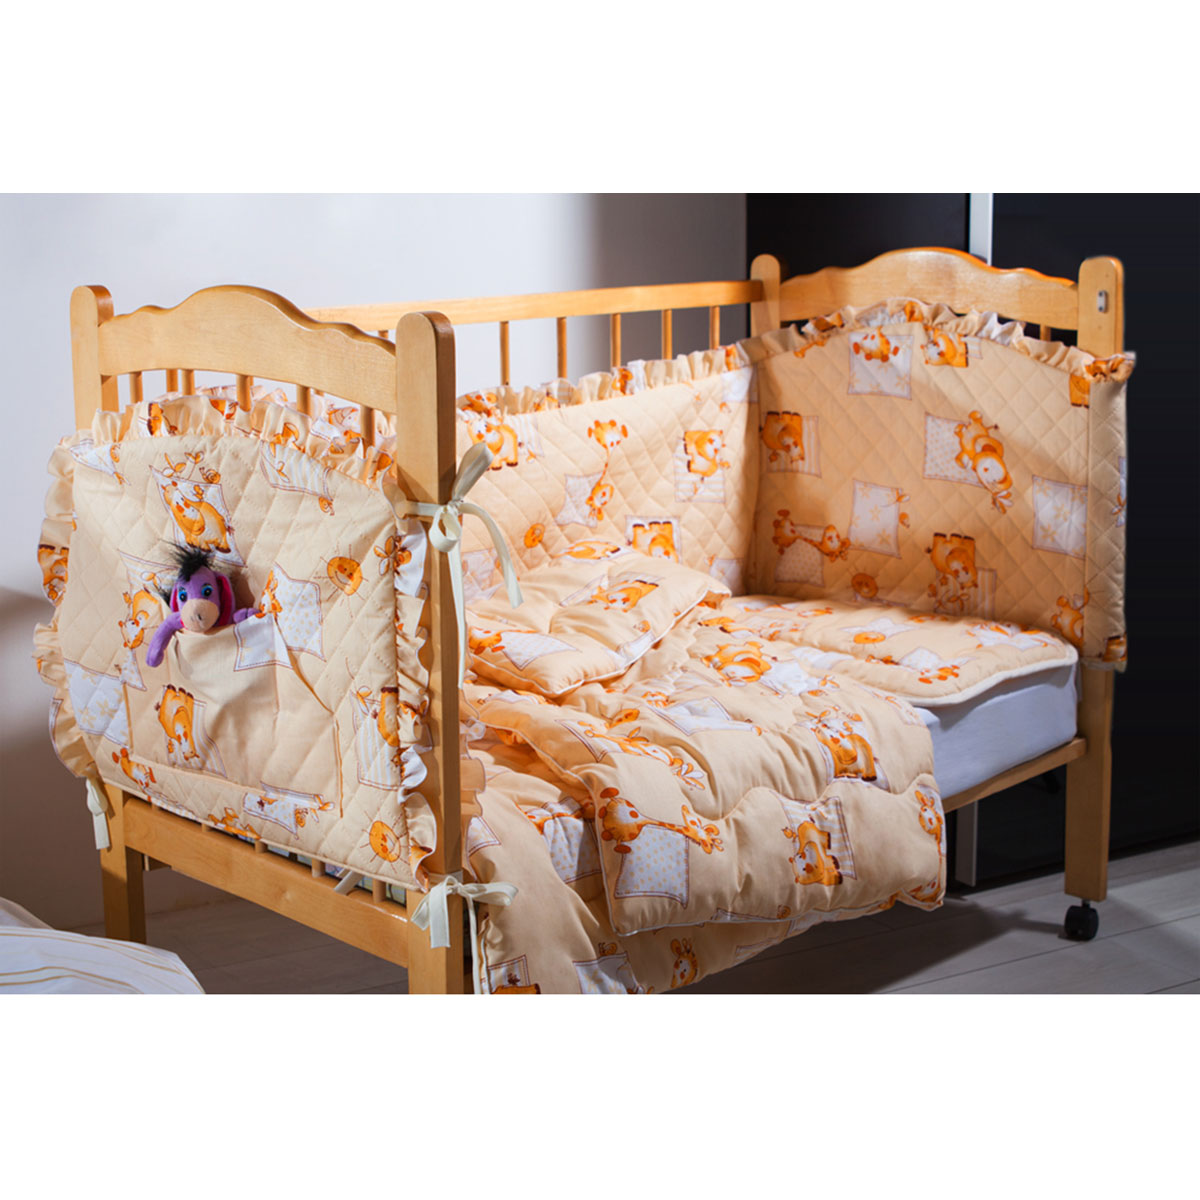 Комплект КРОХА-2(бортик, одеяло, подушка,кармашек) (бежевый)531-105Комплект в кроватку Кроха (4 изделия в комплекте) с наполнителем Экофайбер™ в чехле из набивной хлопковой ткани, отделка-рюша, бортики с безниточной стежкой Ультрастеп™, одеяла с декоративной ниточной стежкой, (детская подушка - 40х60, легкое одеяло 110х140, кармашек 60х45, бортик 360х45), цвета: бежевый, розовый, голубой (упаковка -сумка ПВХ)